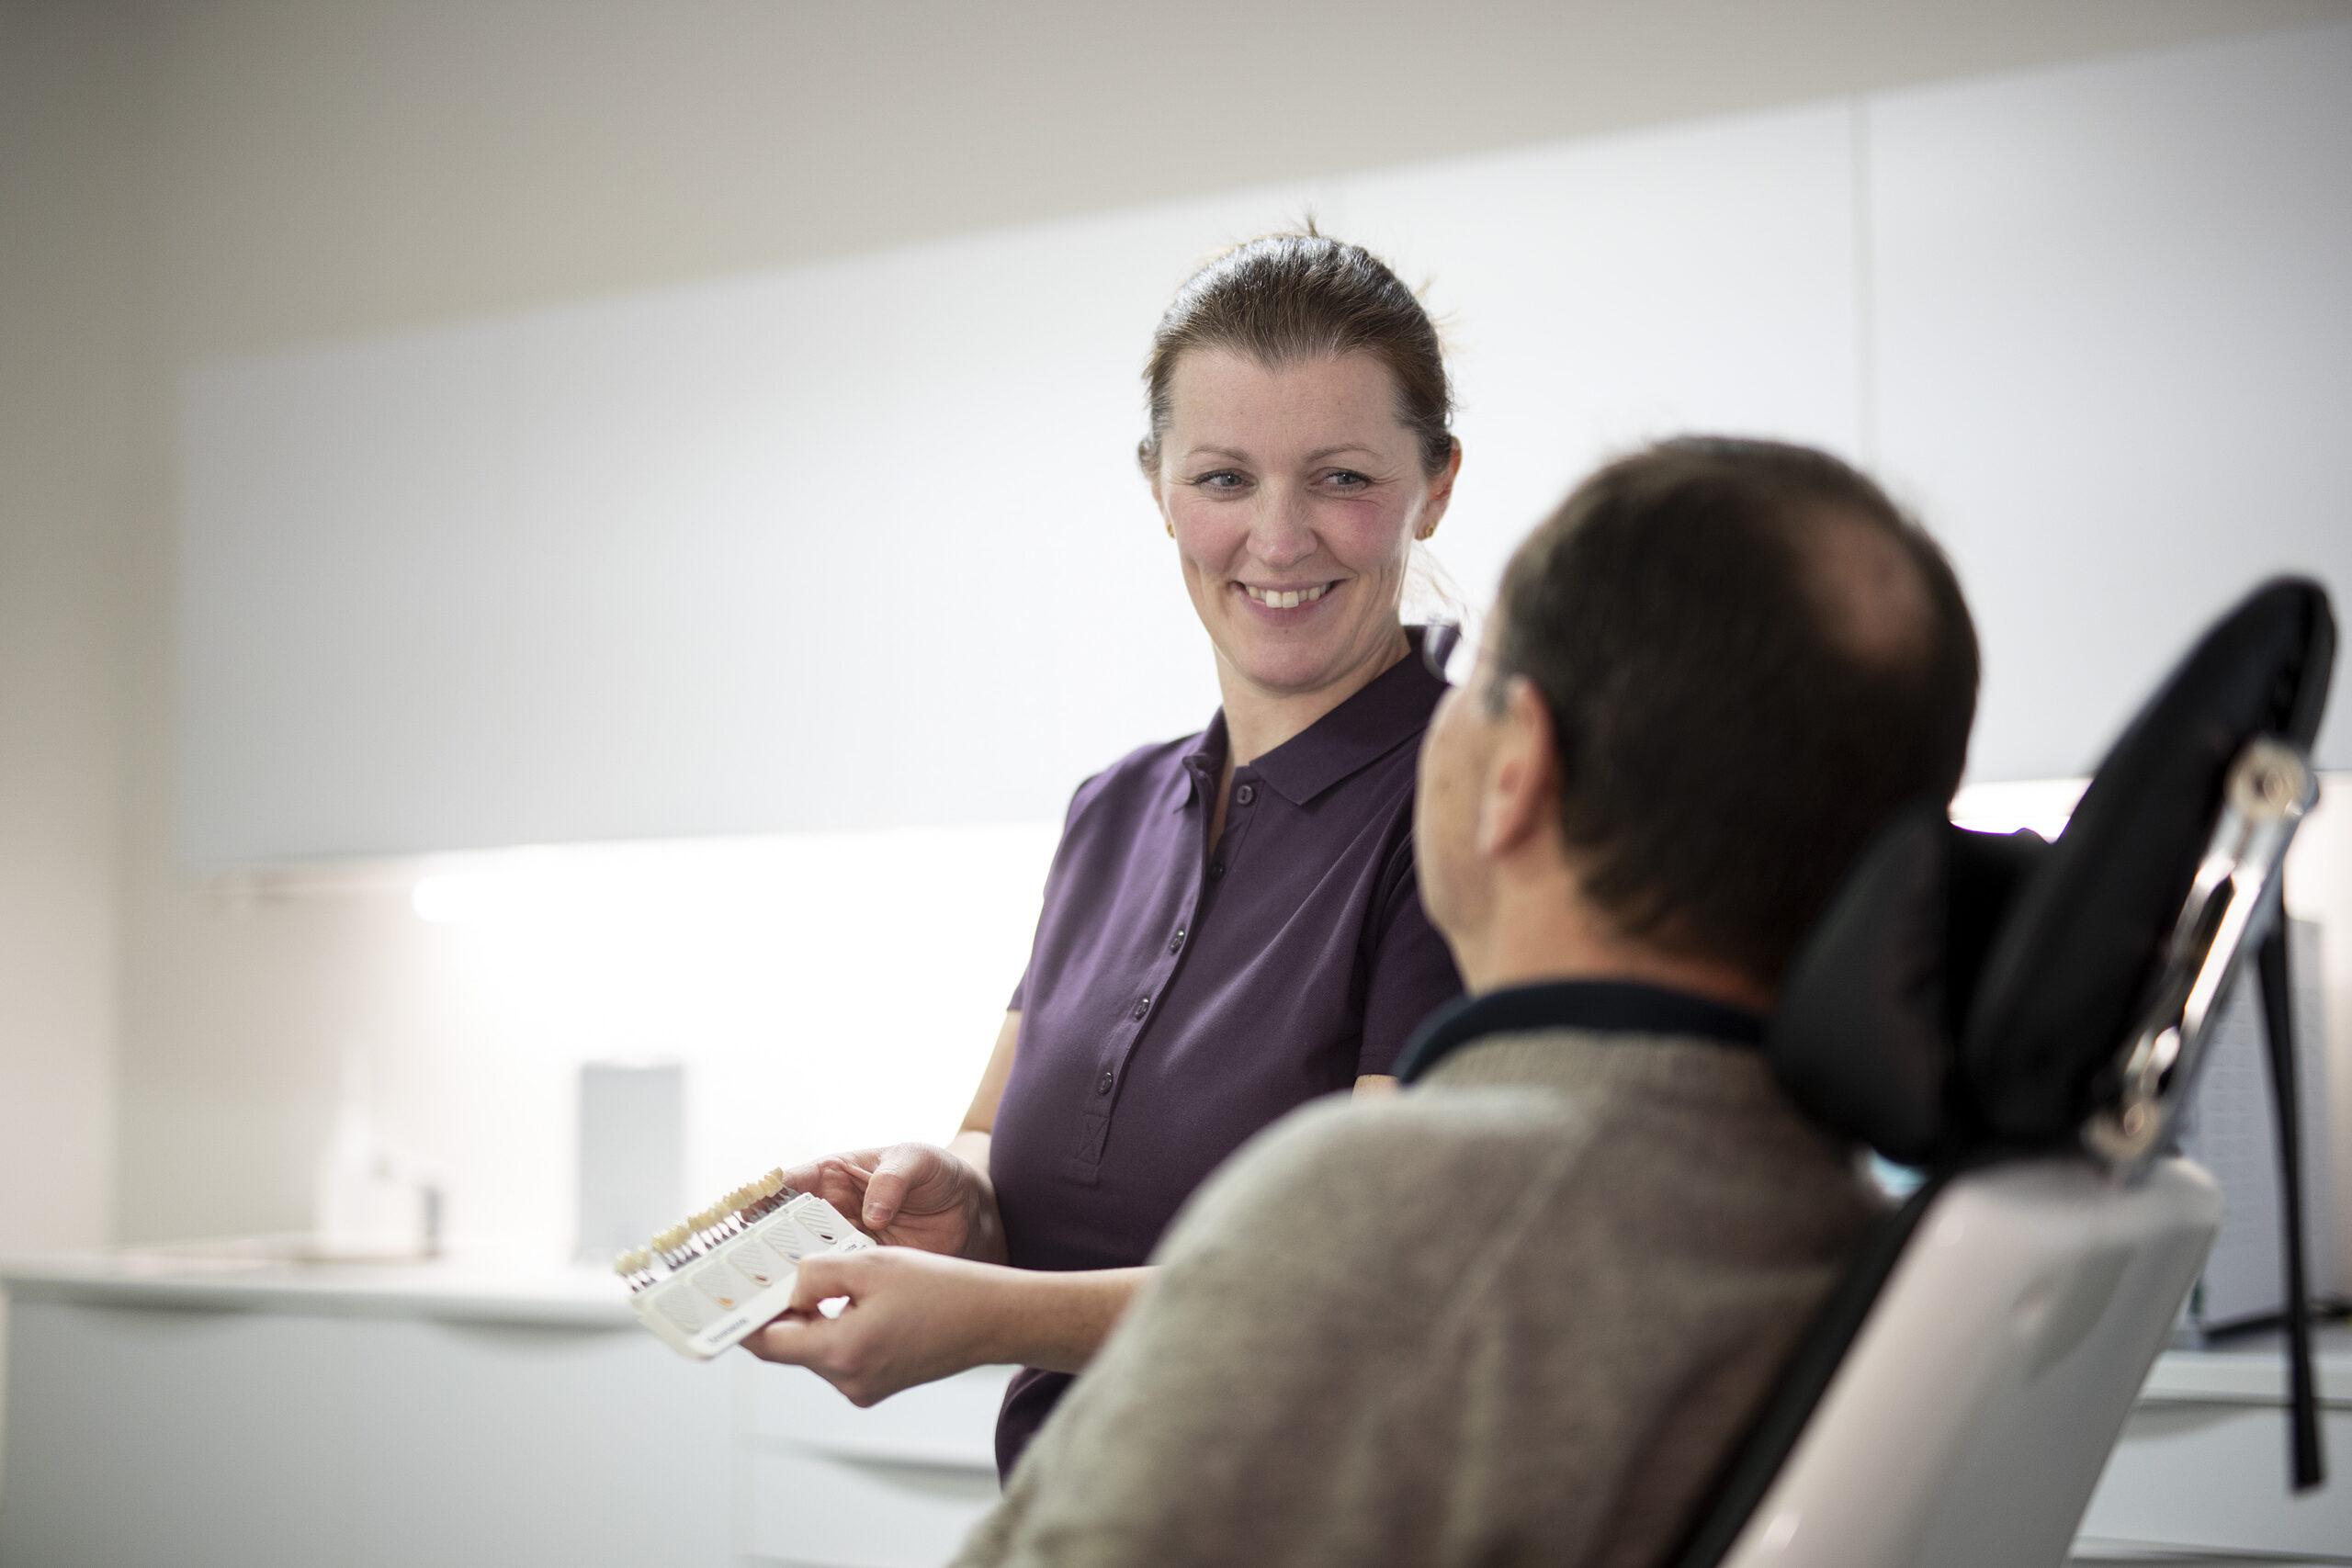 Mira Nebel tandtekniker i Haderslev og omegn